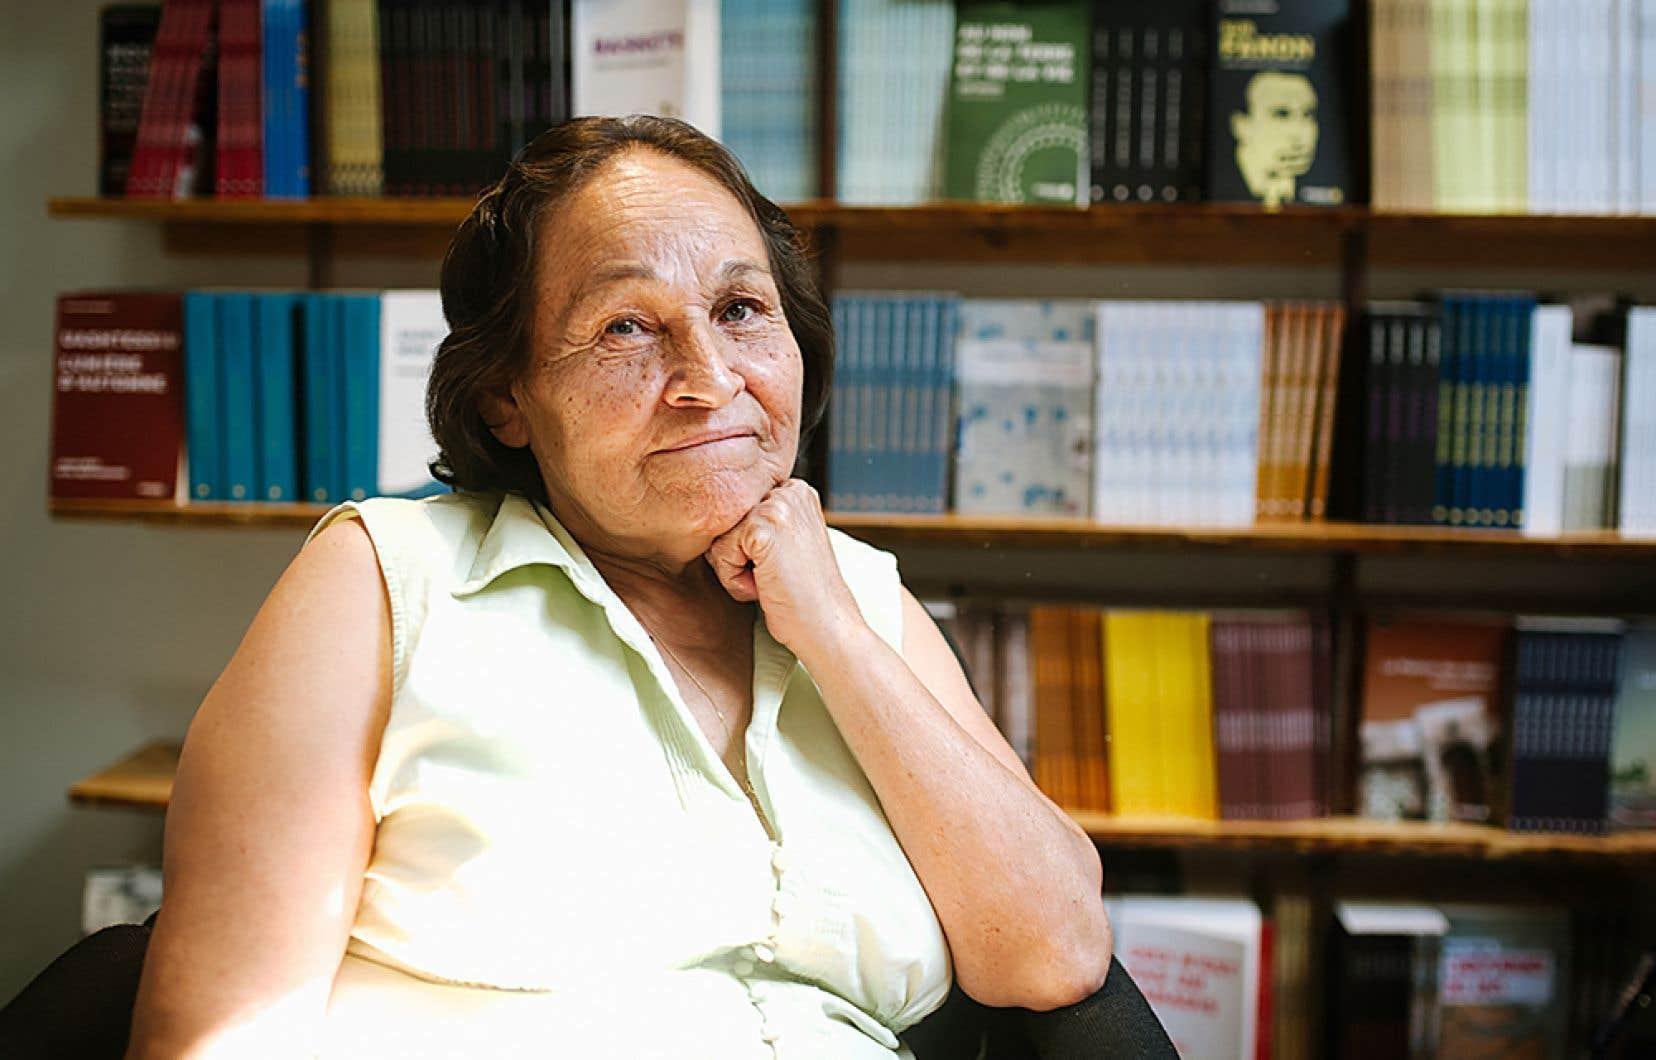 La poèteJoséphine Bacon fait partie des écrivains qui offrirontdes ateliers d'écriture, animations et autres réflexions lors des17esCorrespondances d'Eastman.